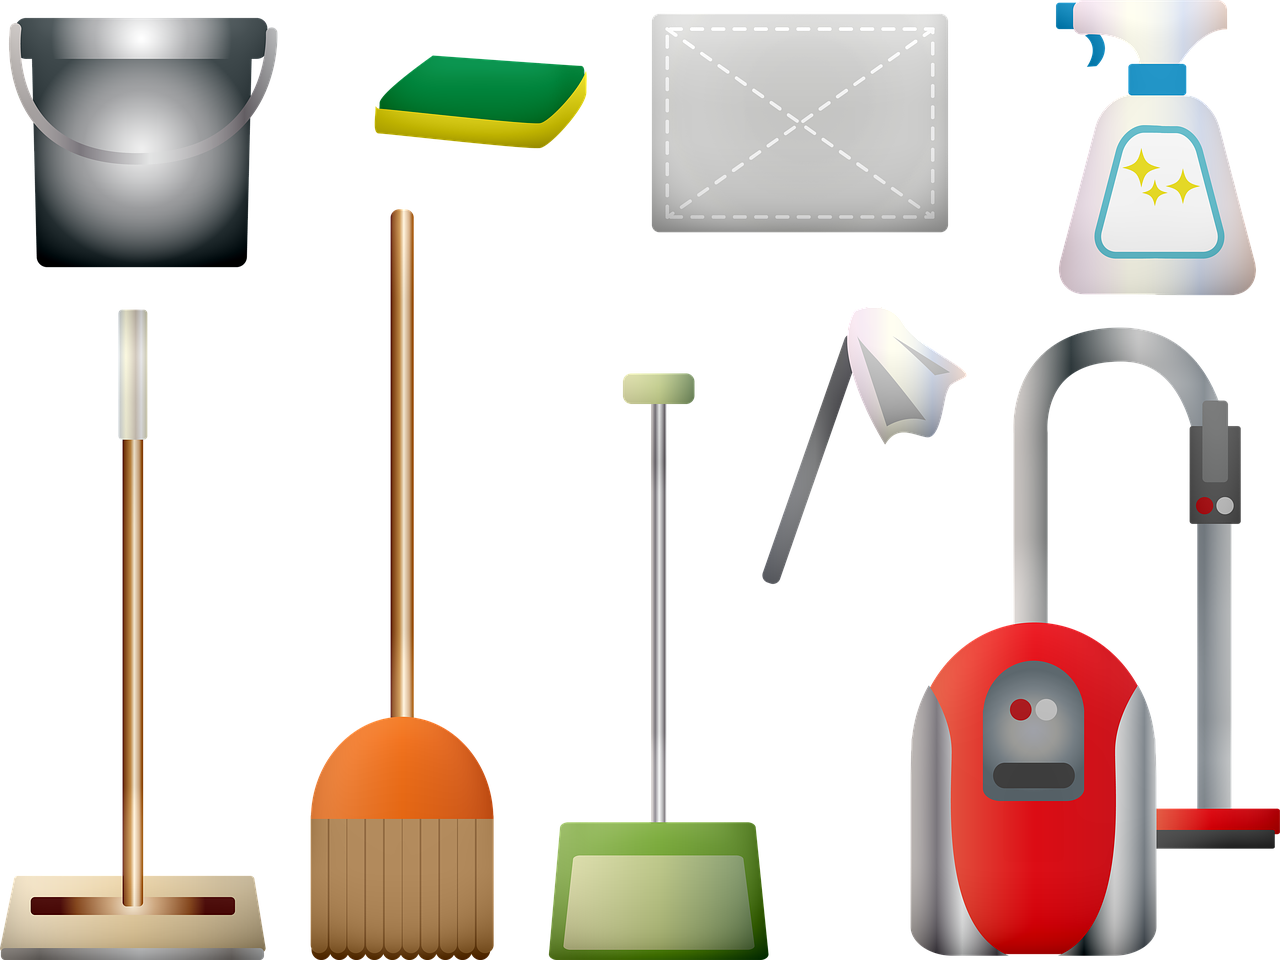 共働きの家事分担方法